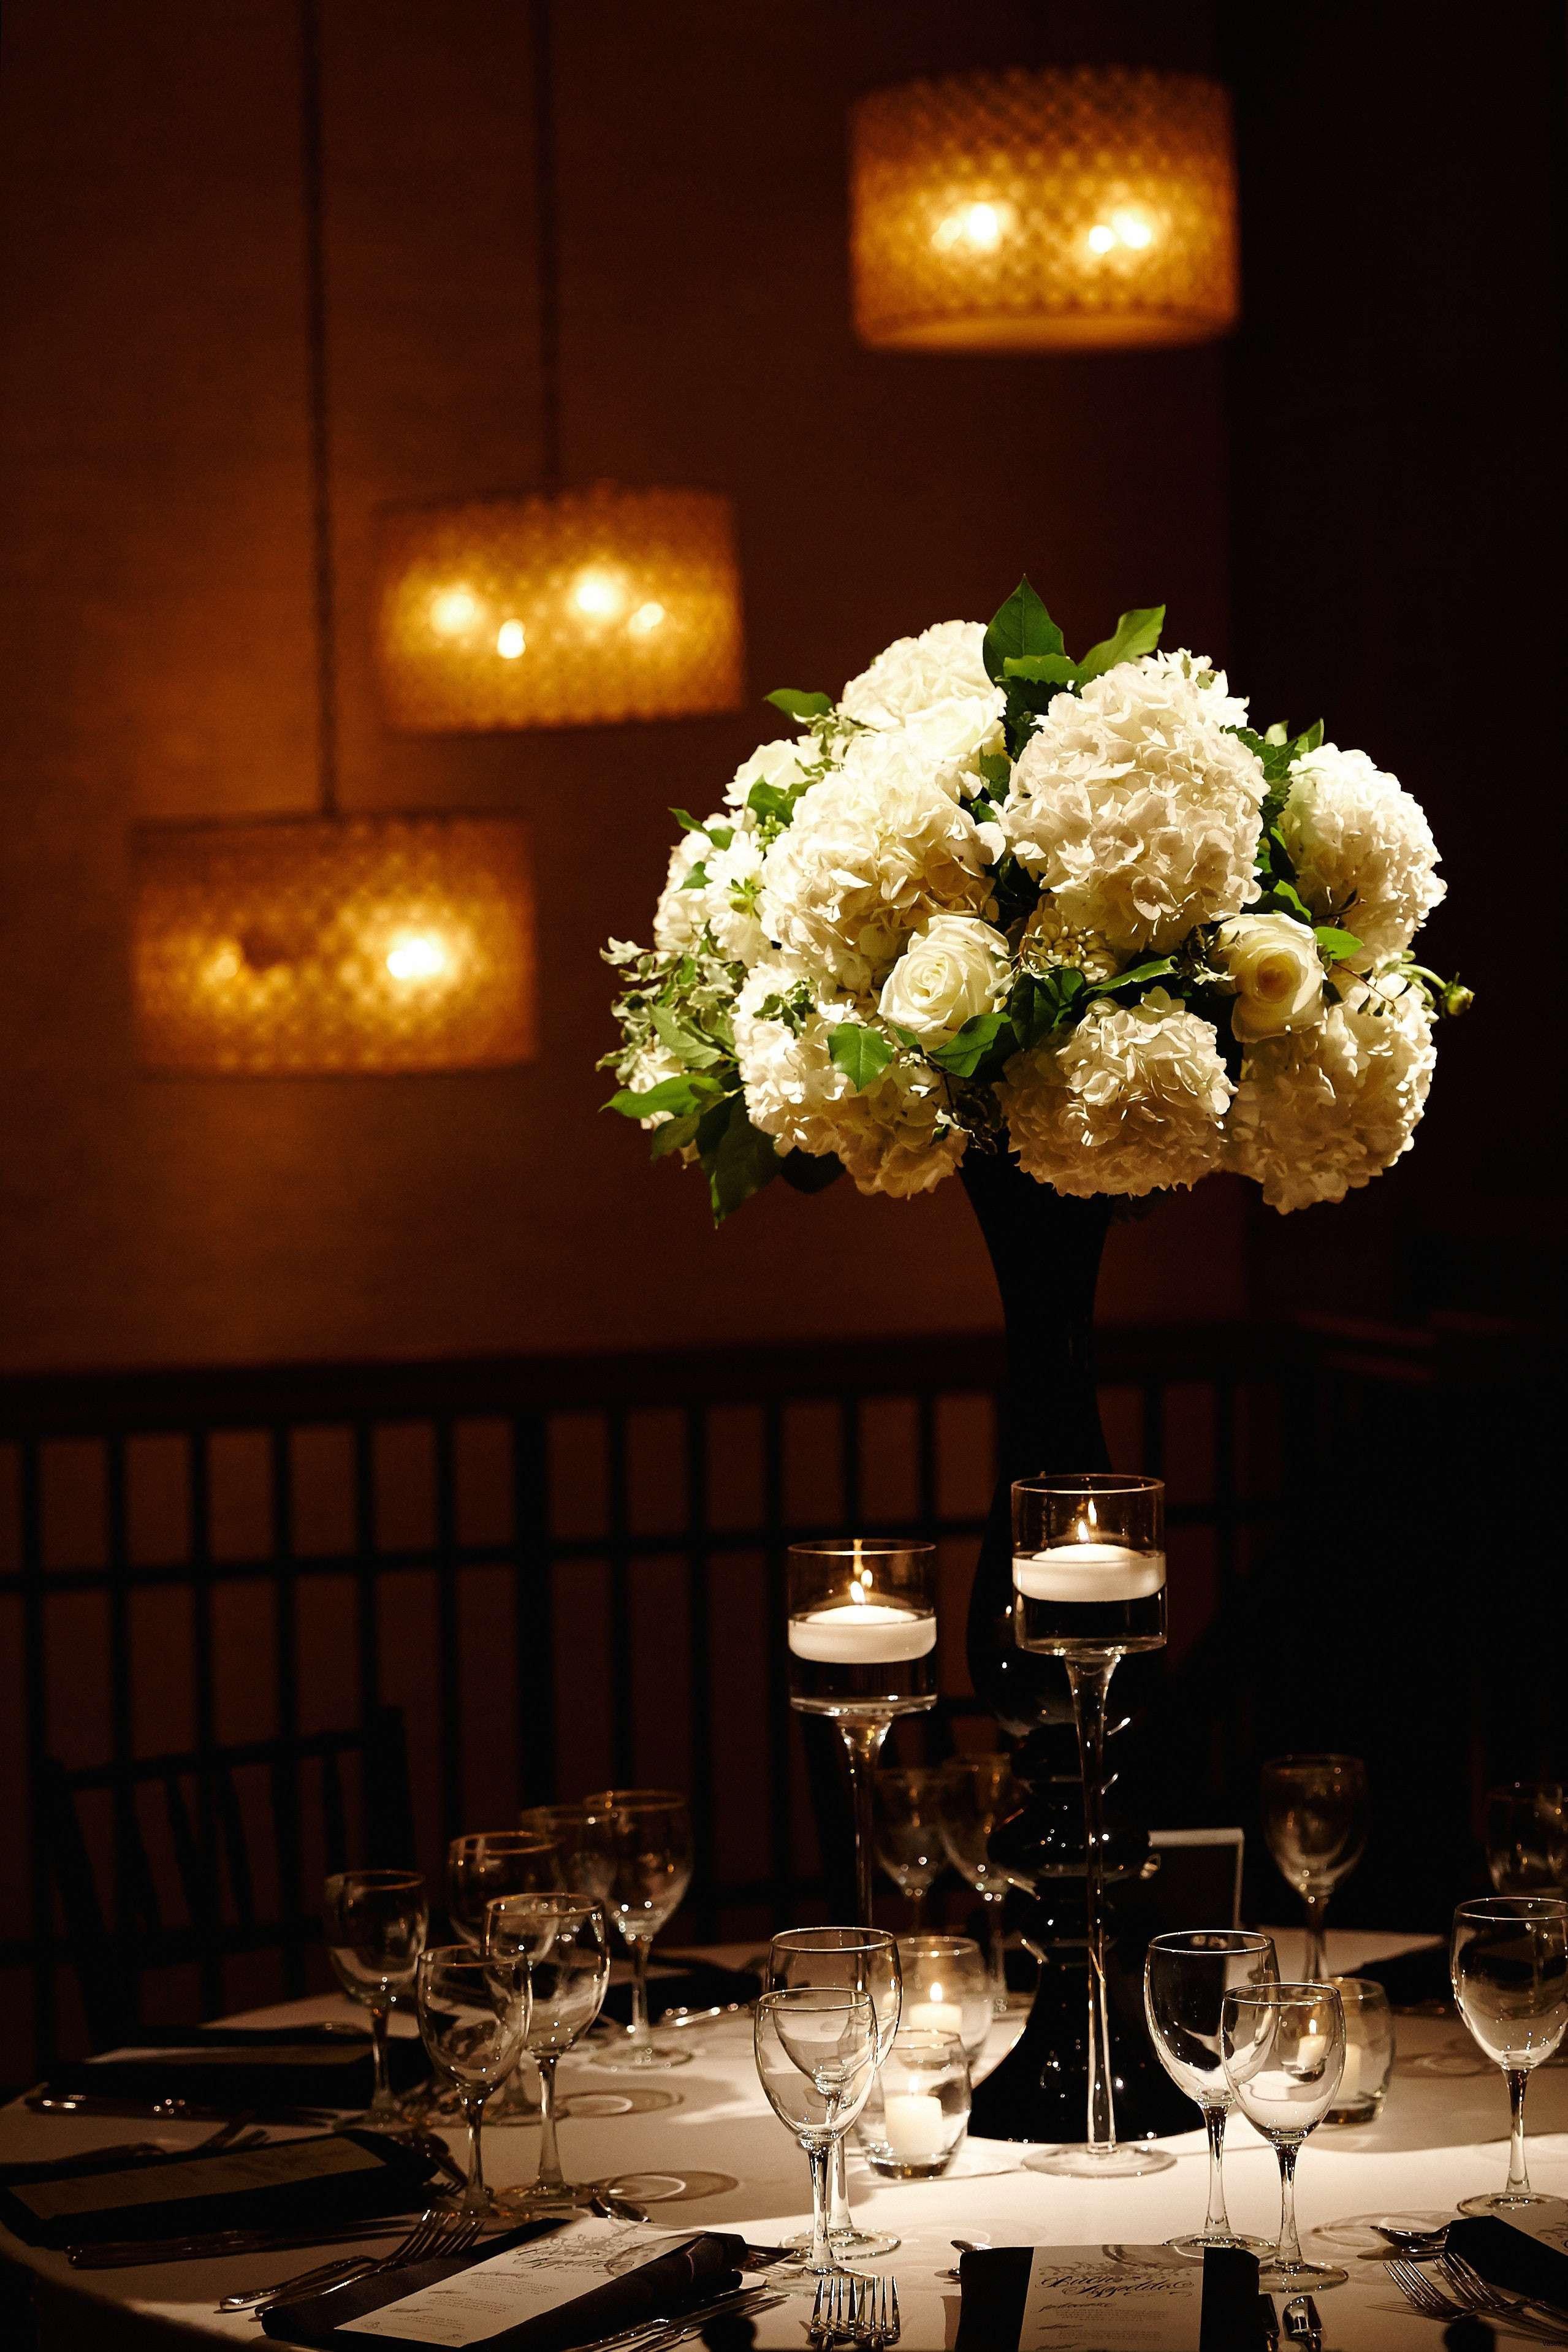 glass vase light of 25 lovely kitchen table vases kitchen ideas for il fullxfull h vases black vase white flowers zoomi 0d with design